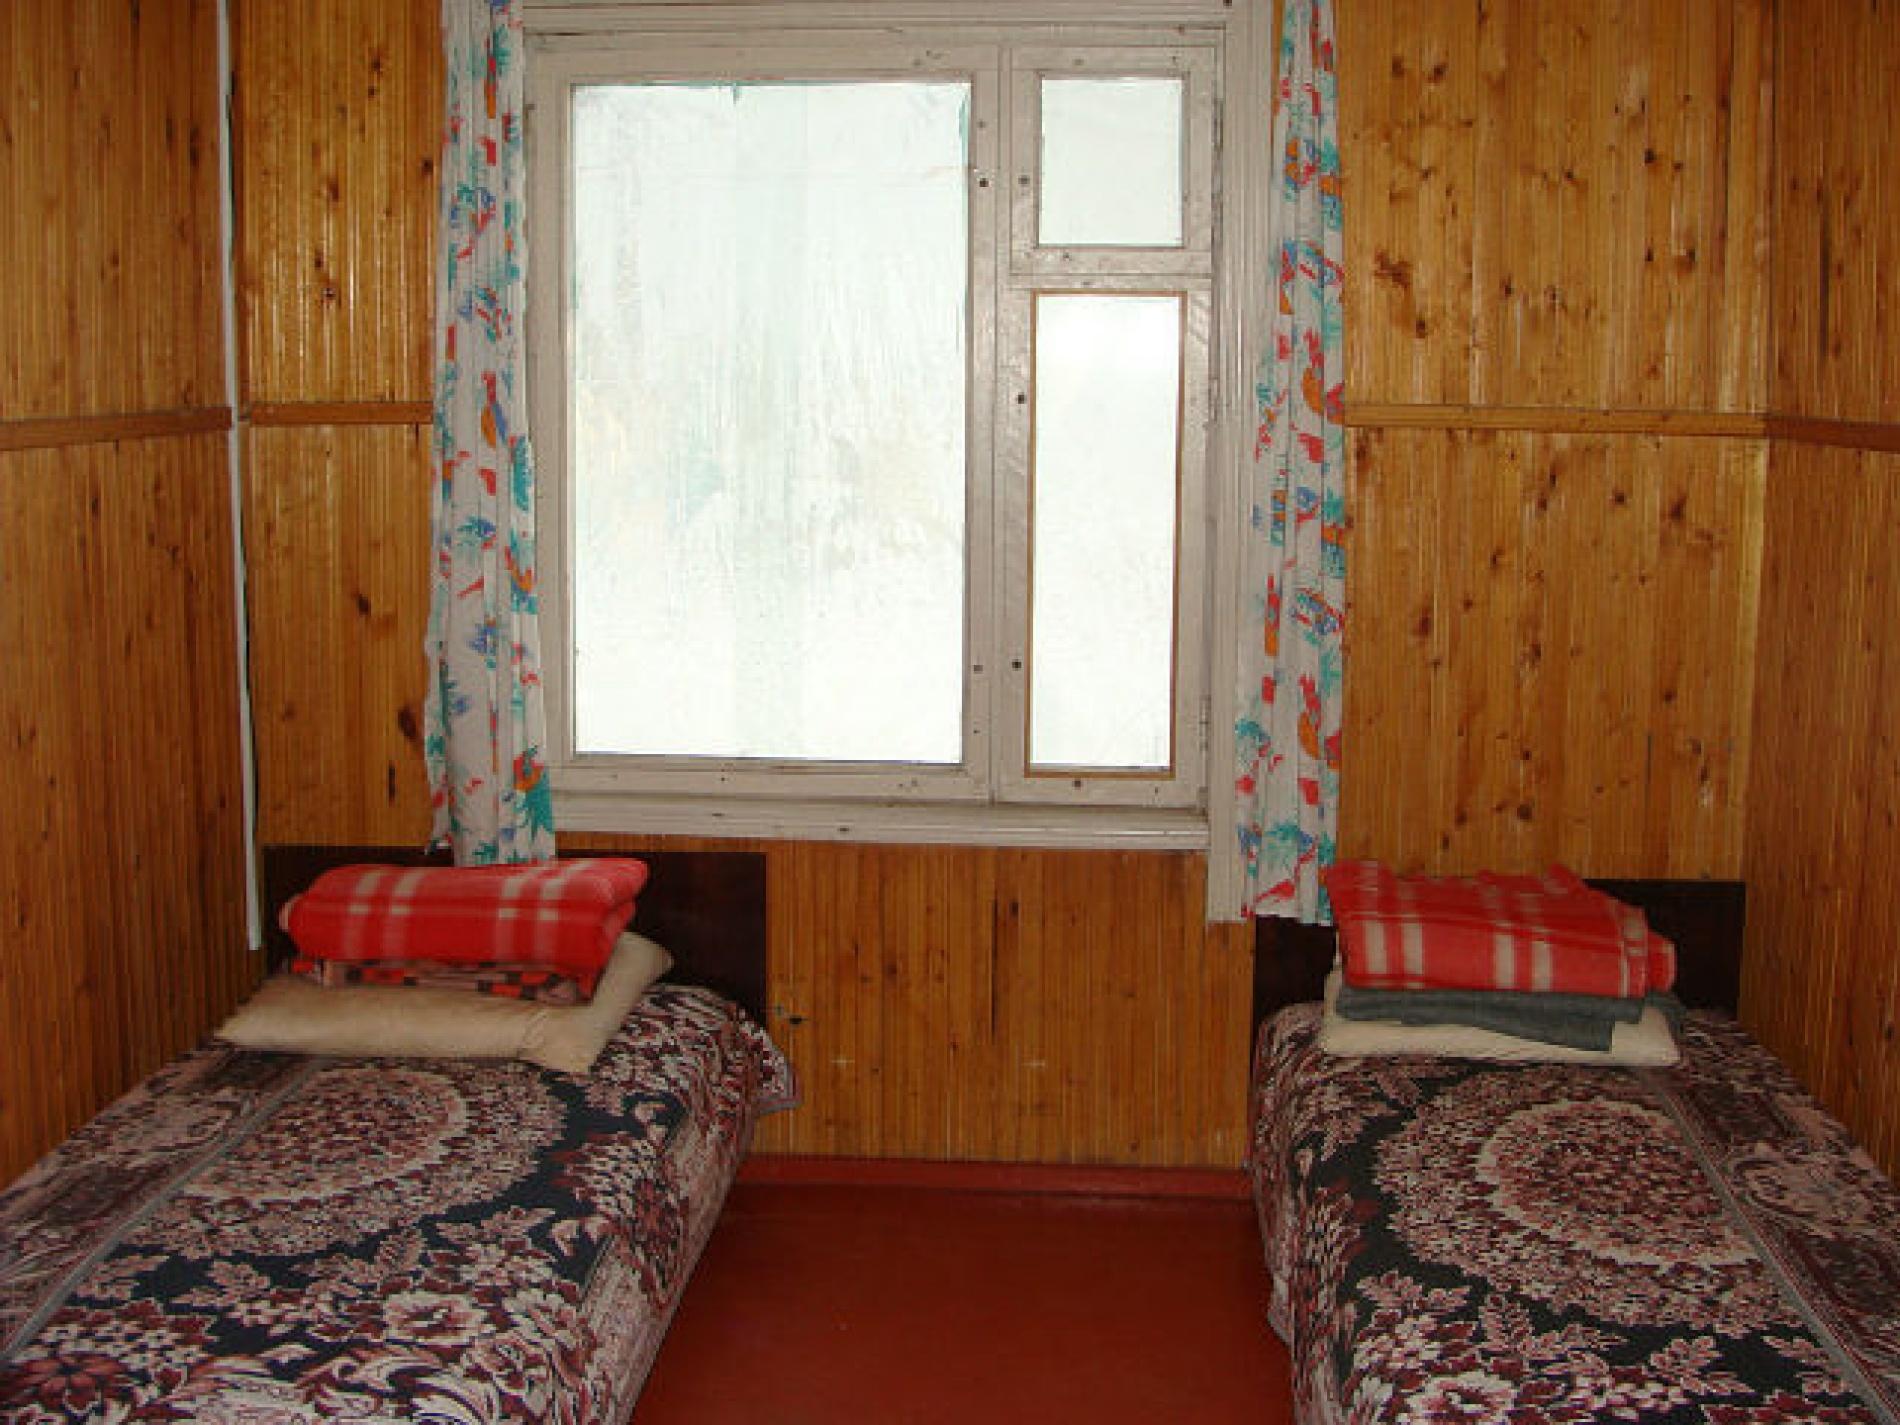 """База отдыха """"Березовая"""" Удмуртская Республика 2-х комнатный дом с верандой 6-ти местный, фото 4"""